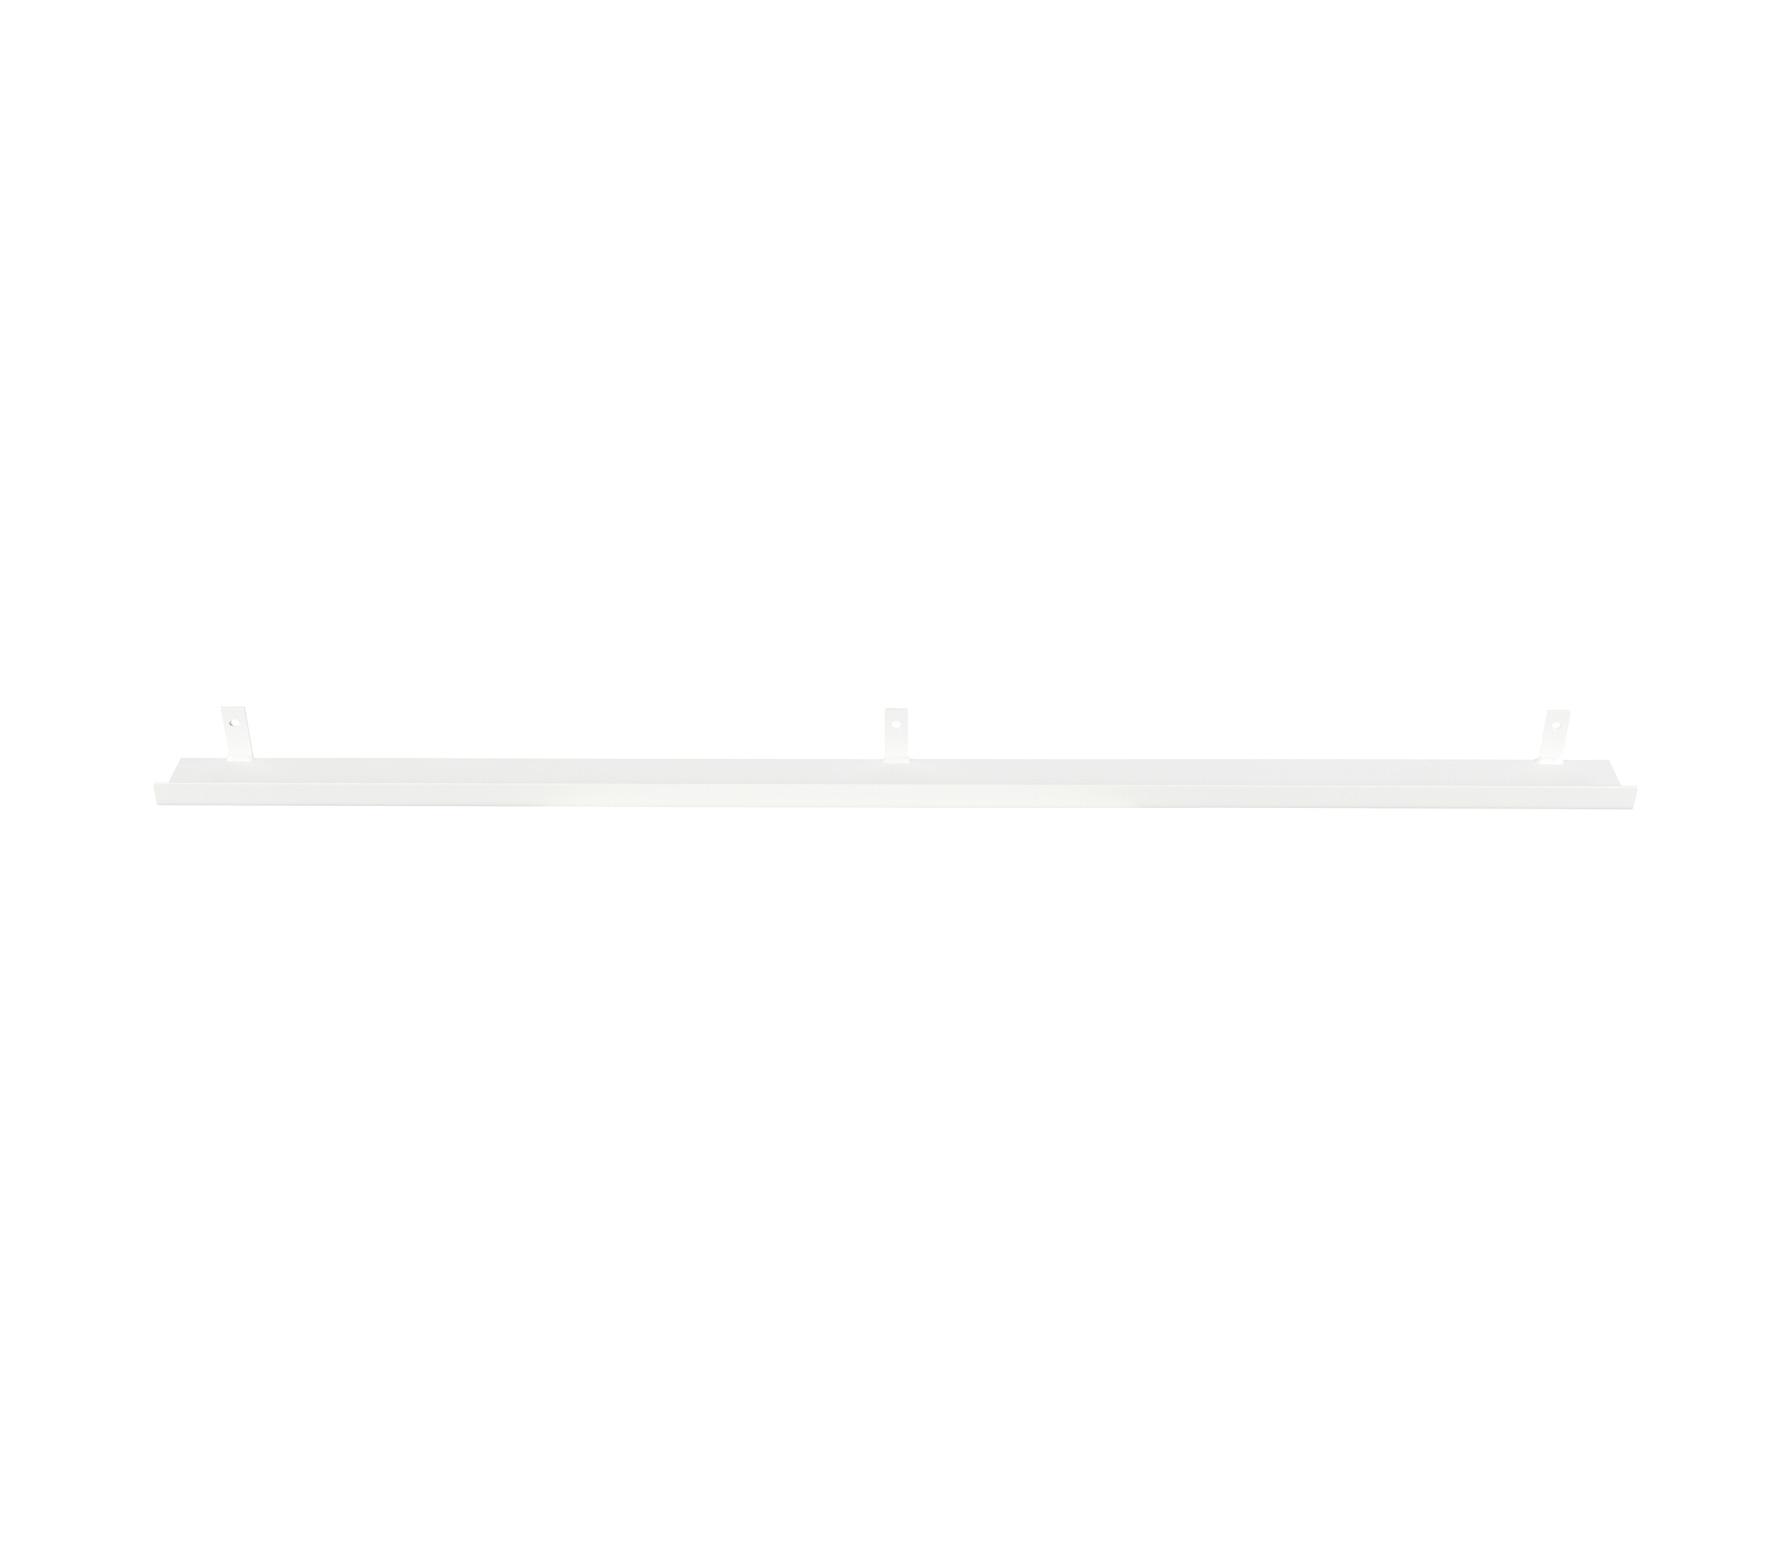 Wandplank Zwart Metaal.Fotoplank 120 Cm Wandplank Siena Breedte 150 Cm